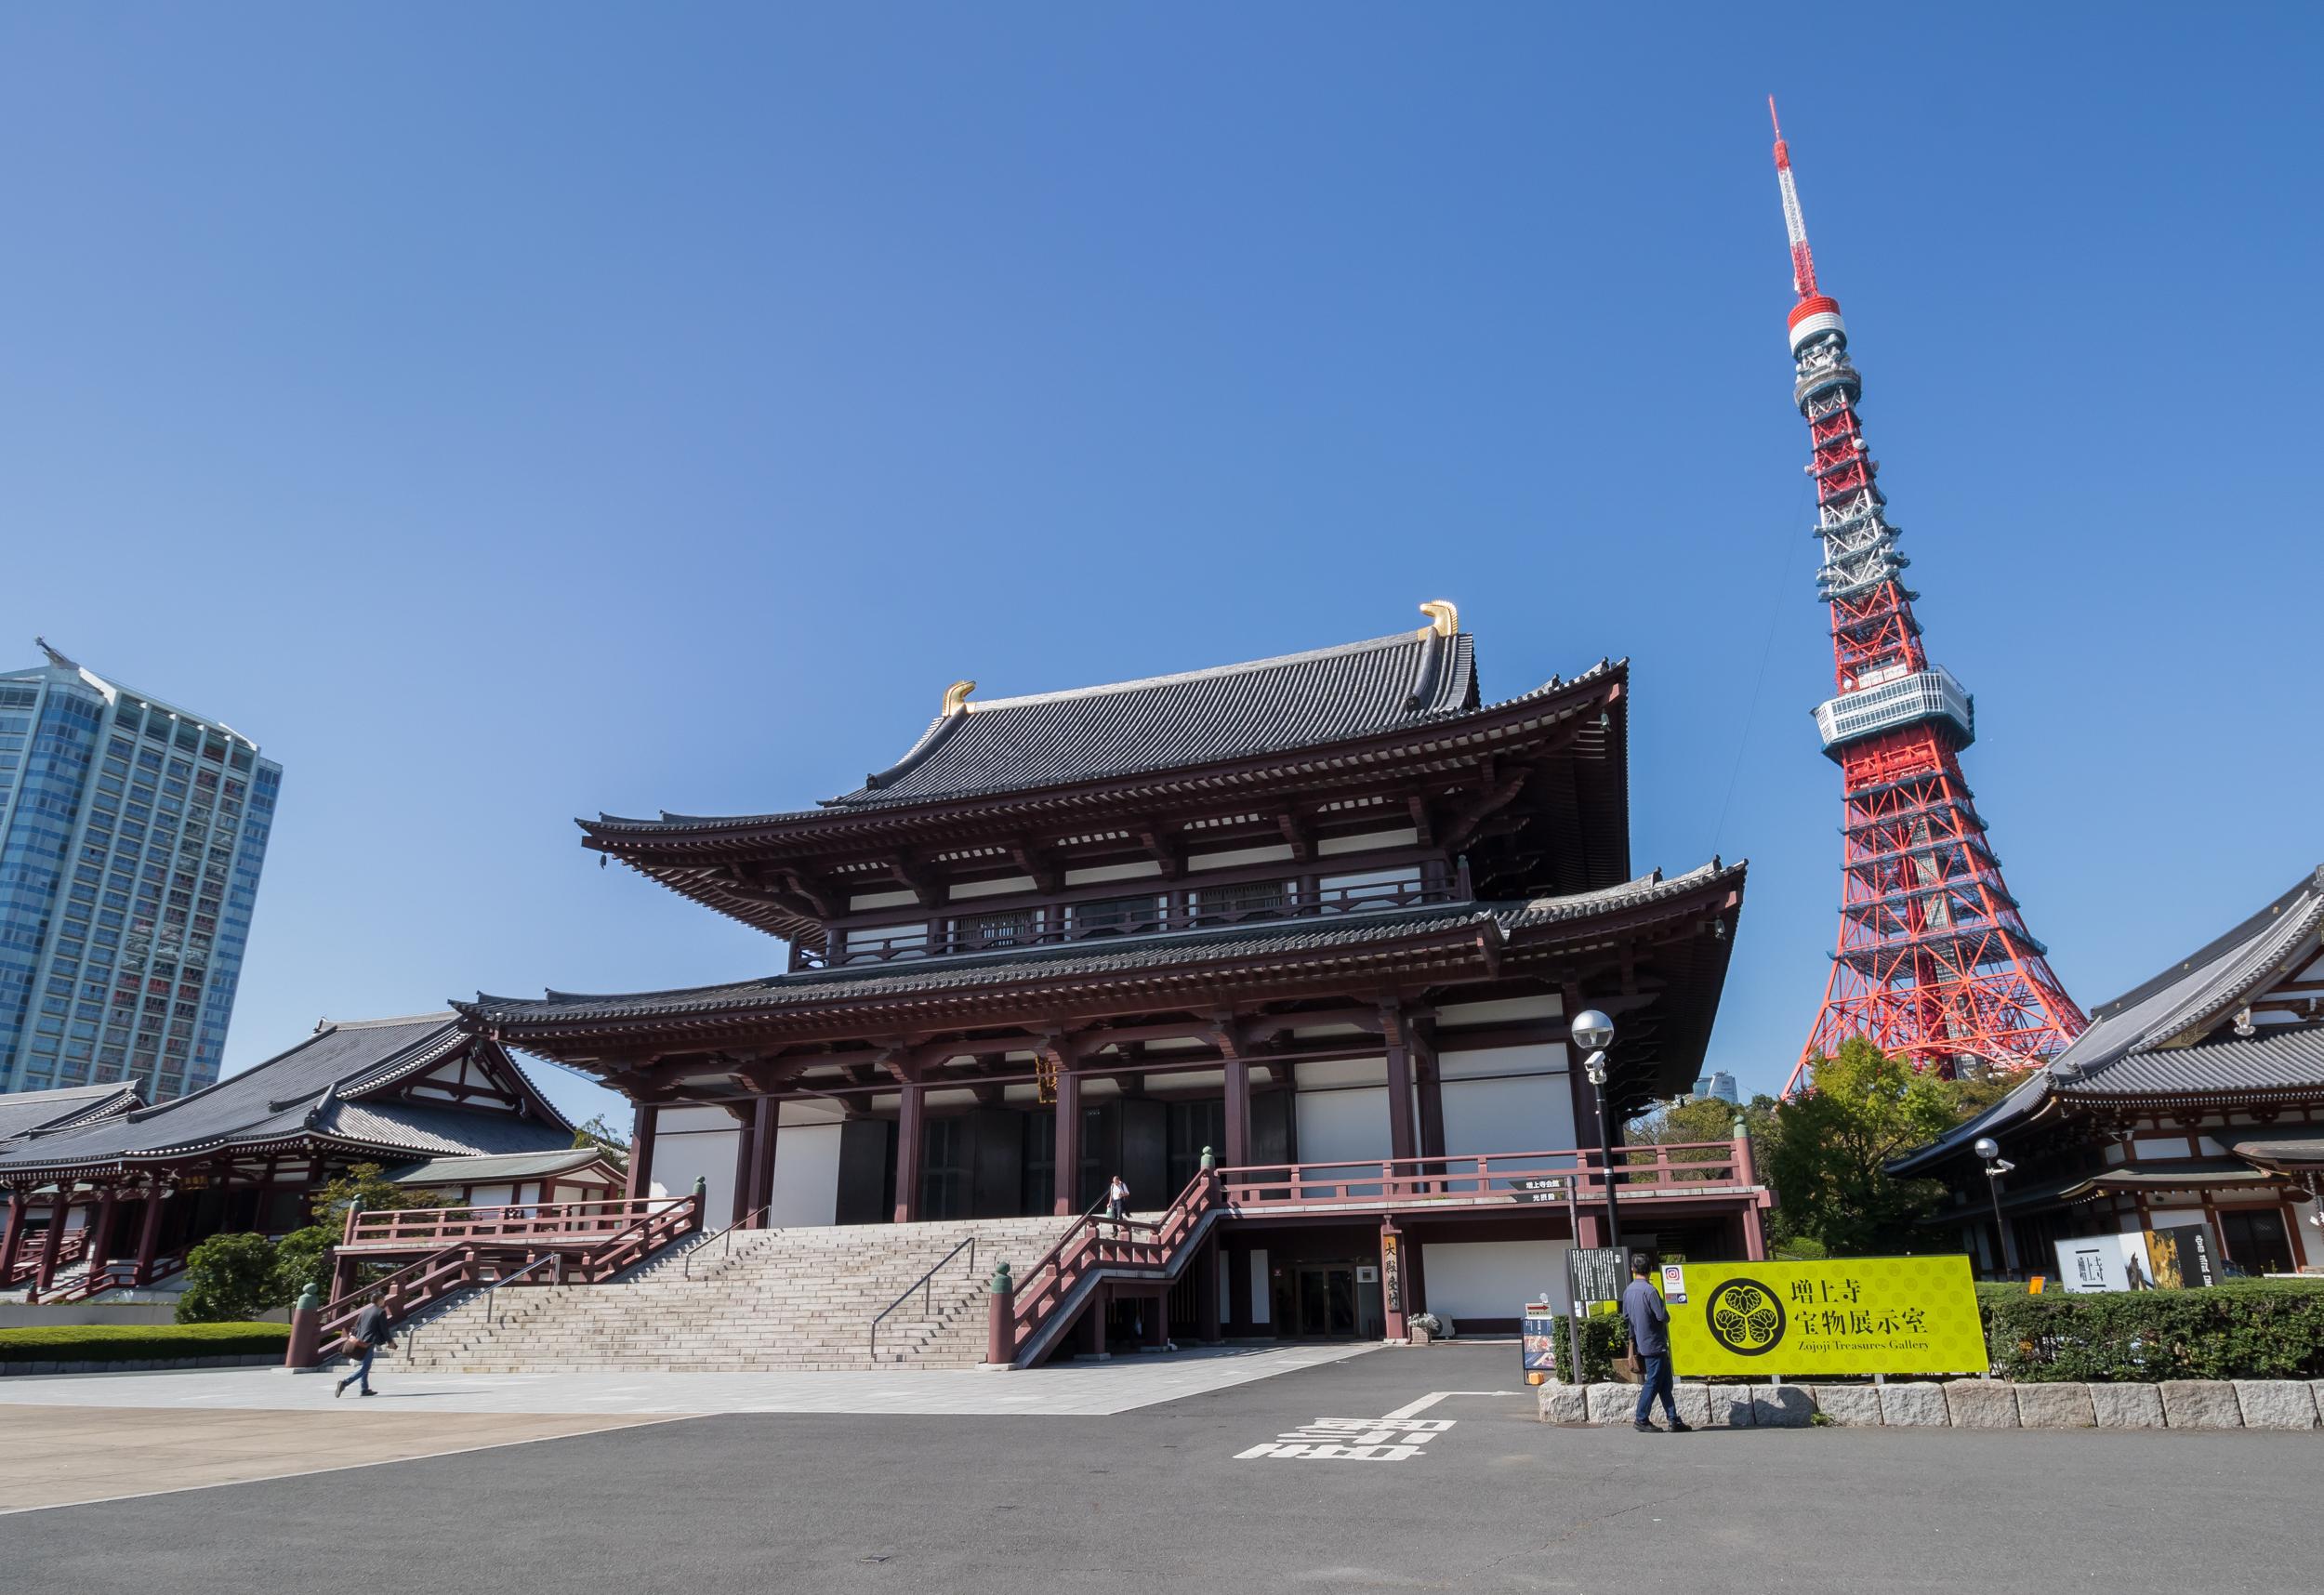 【東京】荷物を預けて御朱印集めをしよう。御朱印をいただける寺社付近のecbo cloak特集!